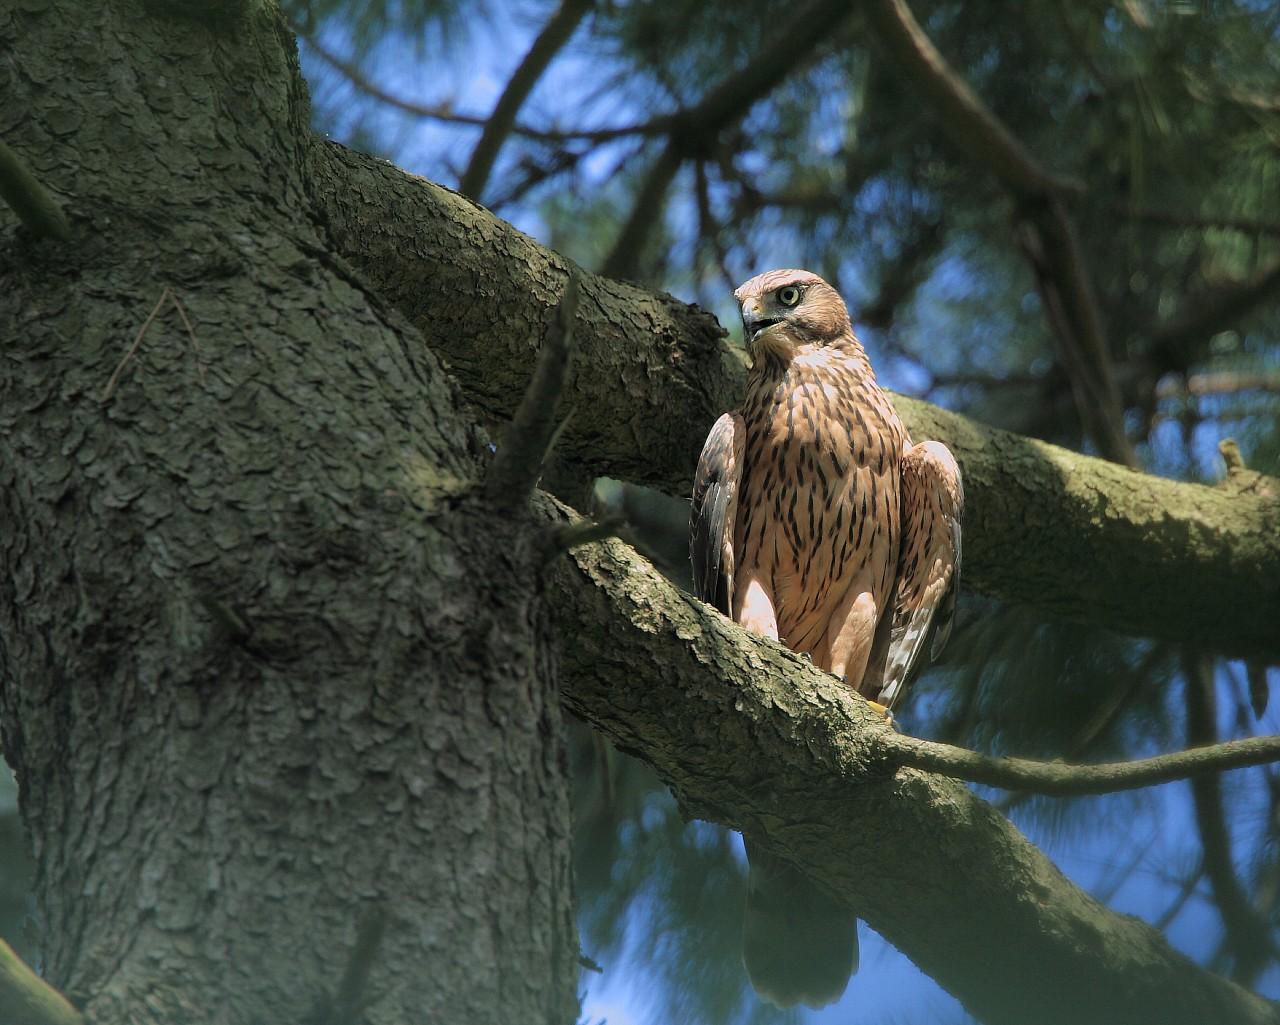 オオタカ幼鳥は元気でした。_f0105570_21513980.jpg